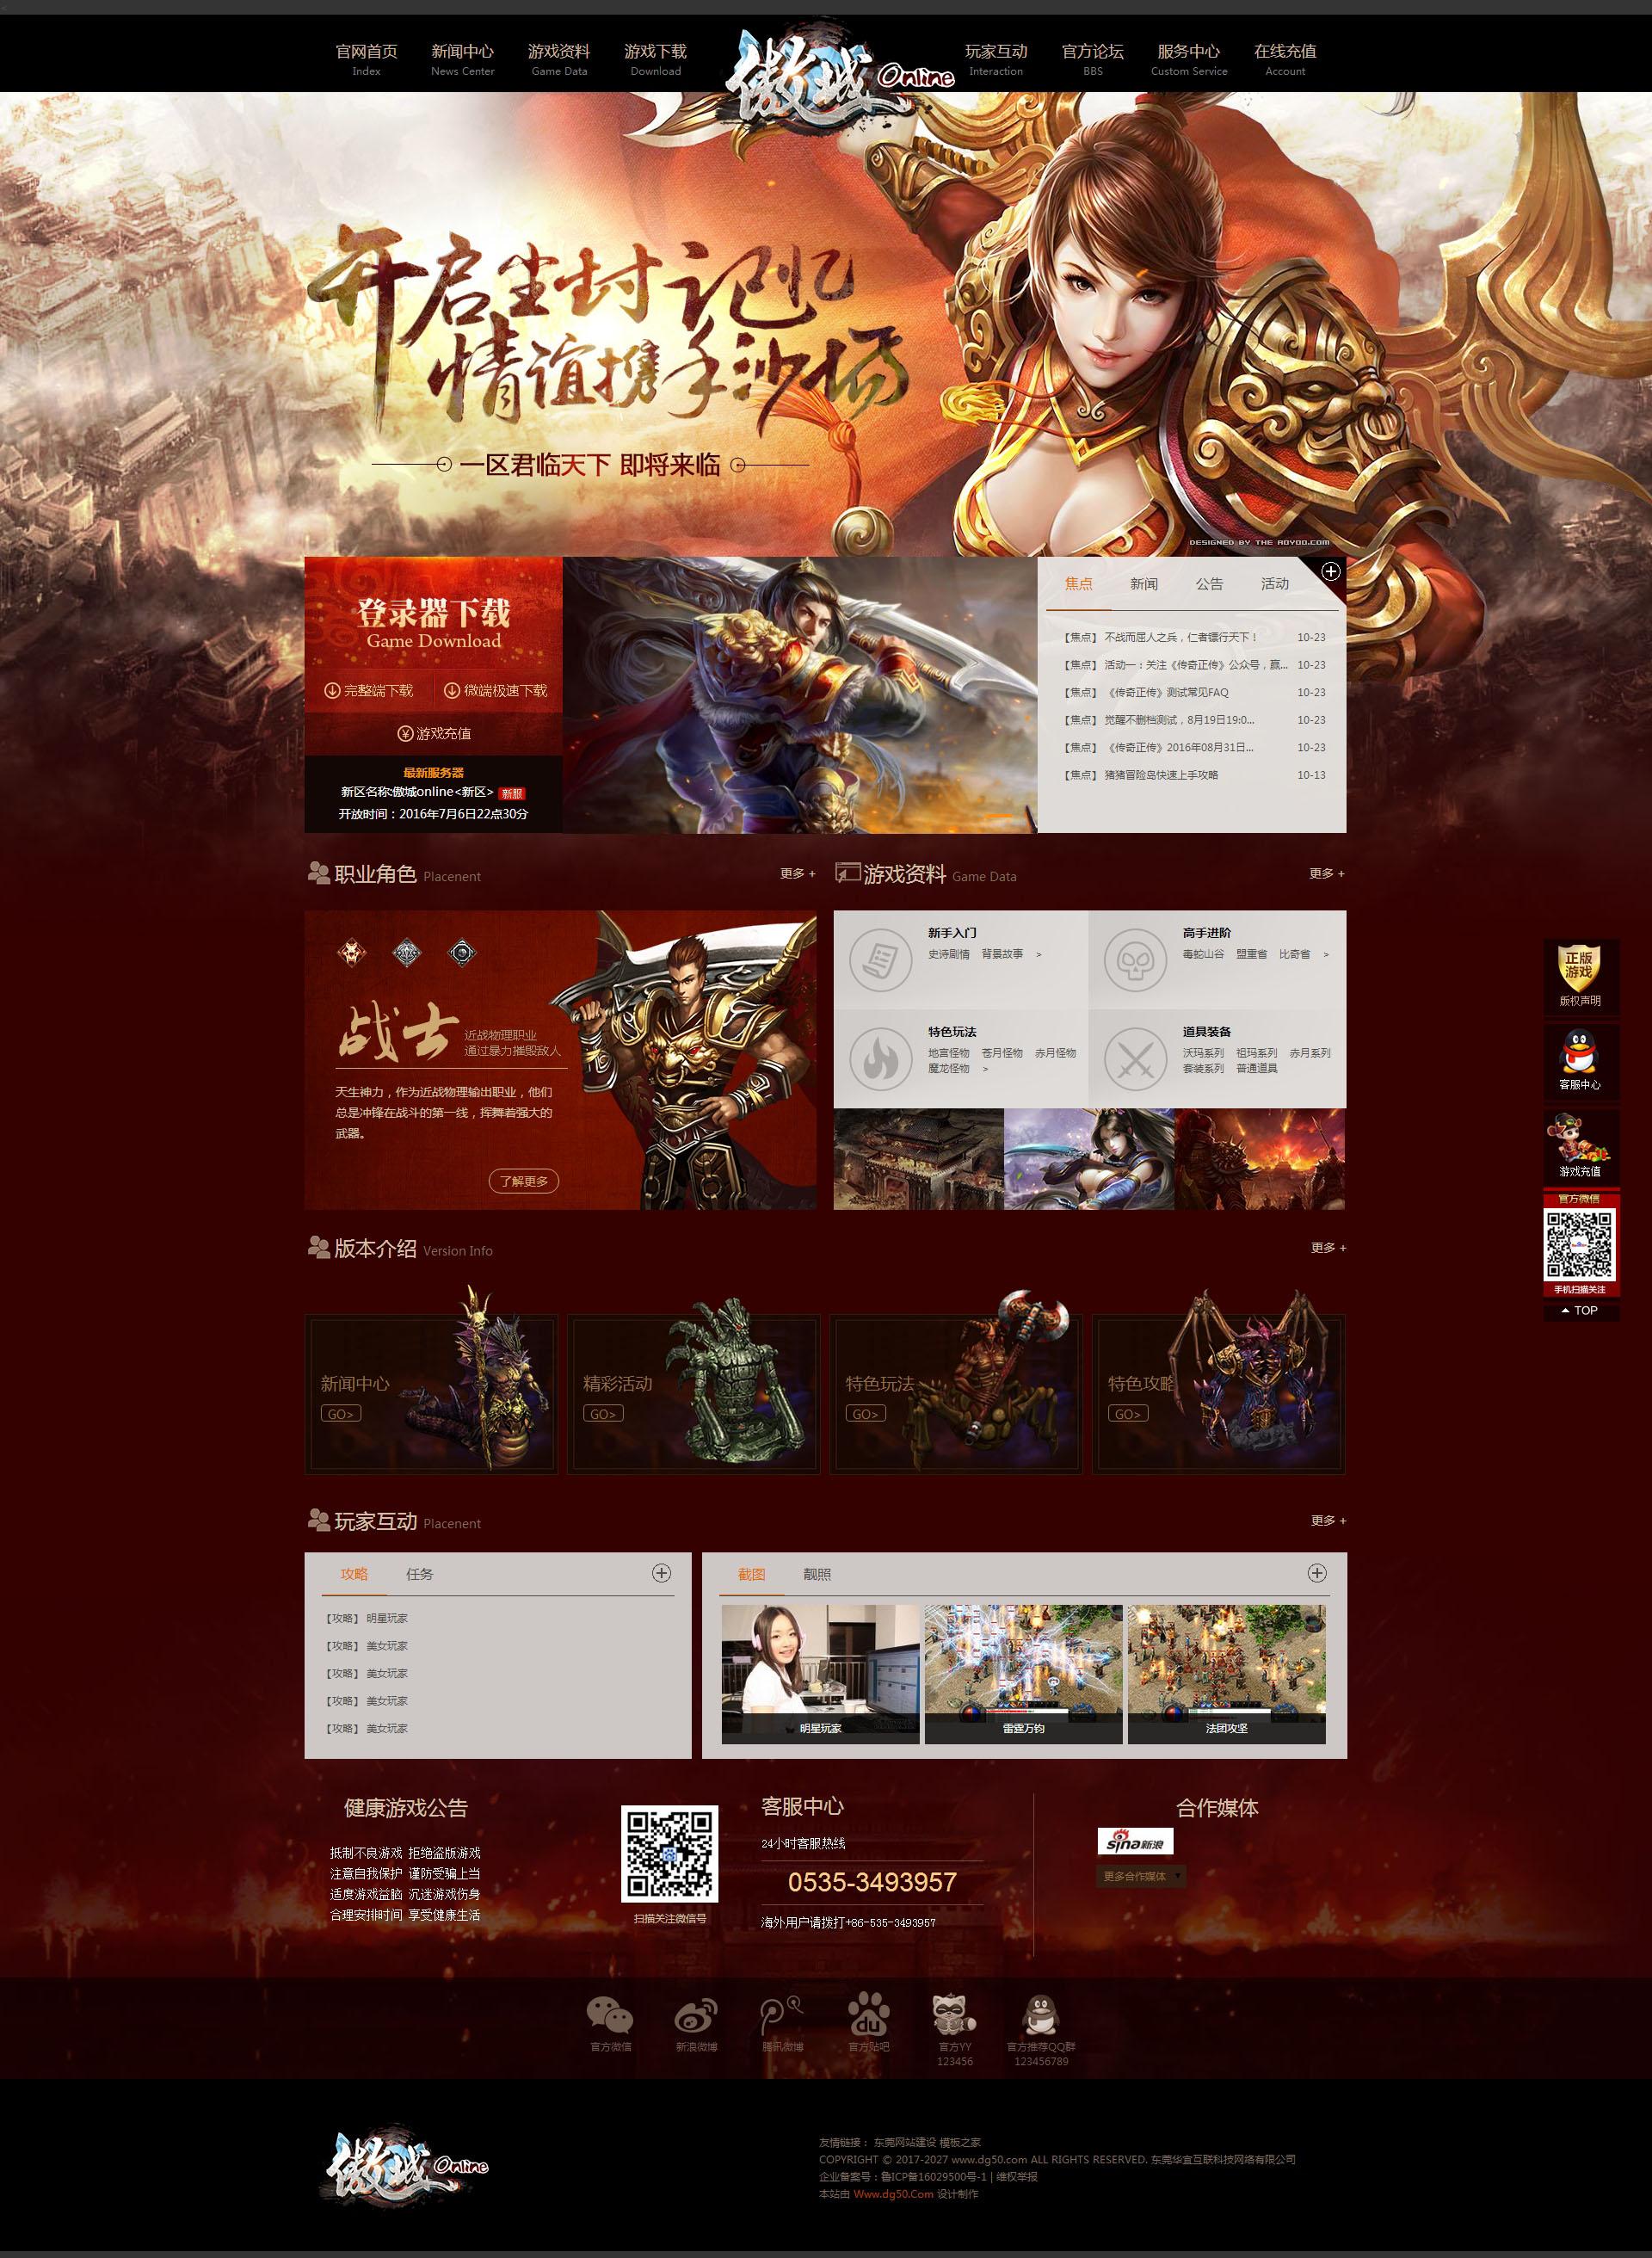 傲城传奇官方 传奇游戏网站模版源码 ASP传奇模版网站官网 带后台